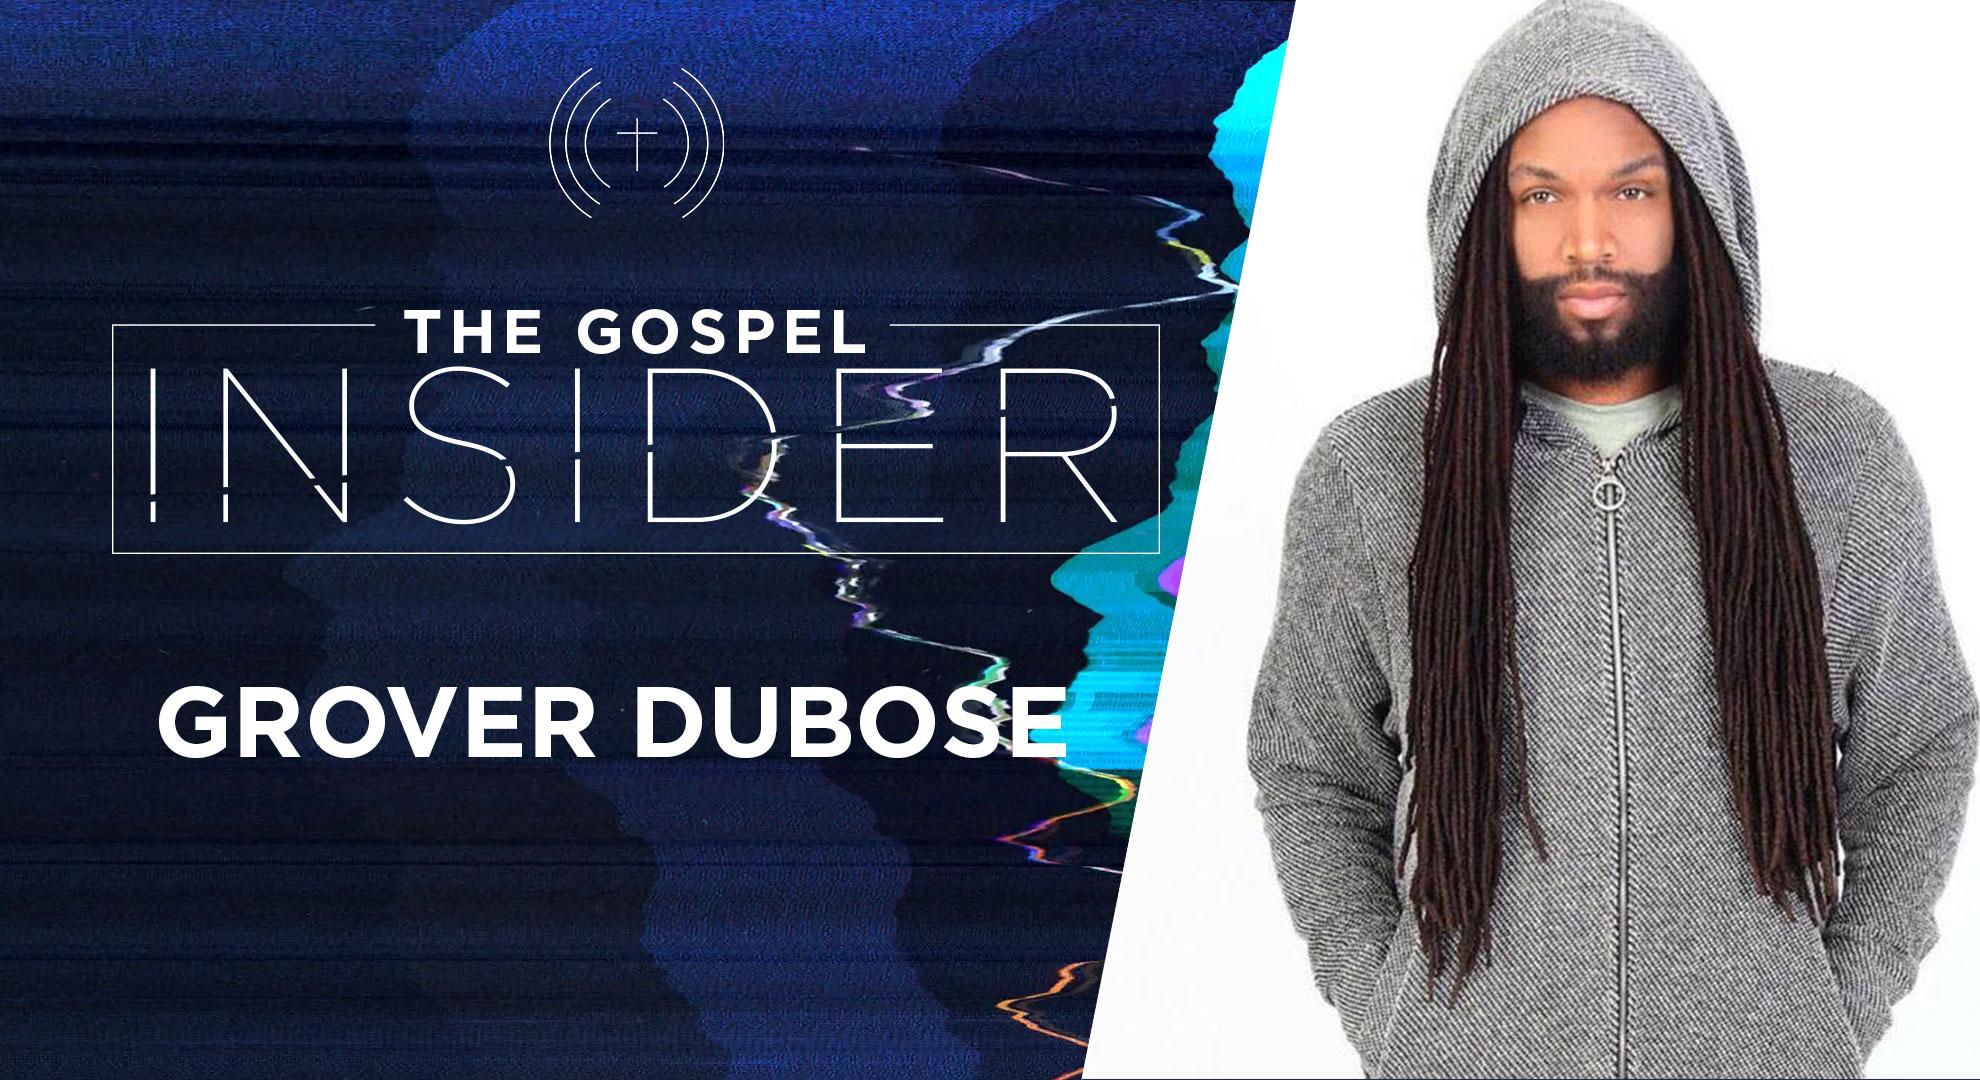 The Gospel Insider – Grover Dubose